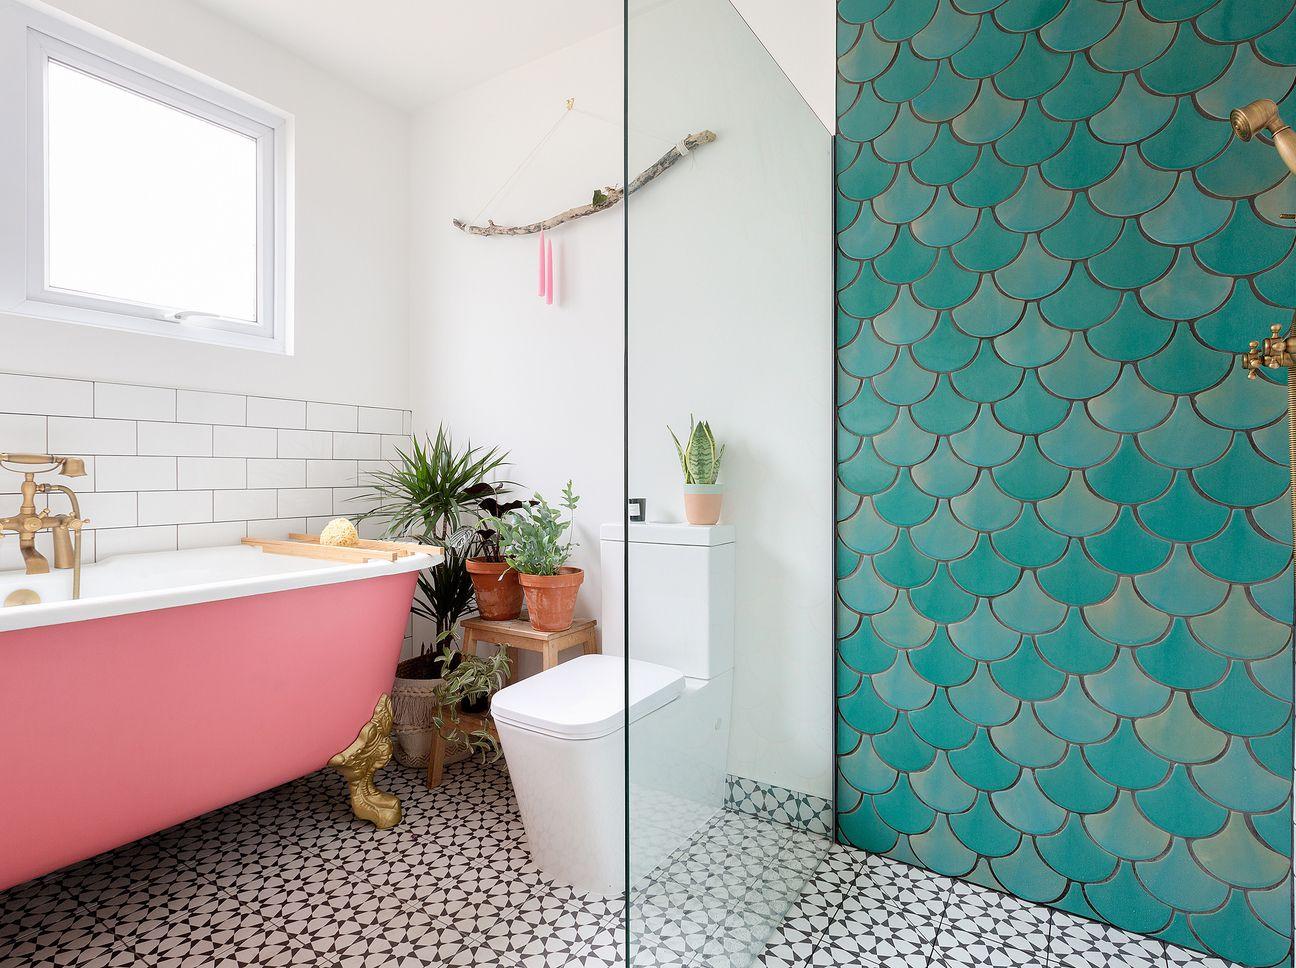 Fliesen Im Badezimmer Schuppenfliesen Sind Jetzt Trend Badezimmer Innenausstattung Zeitgenossische Badezimmer Rosa Badewanne